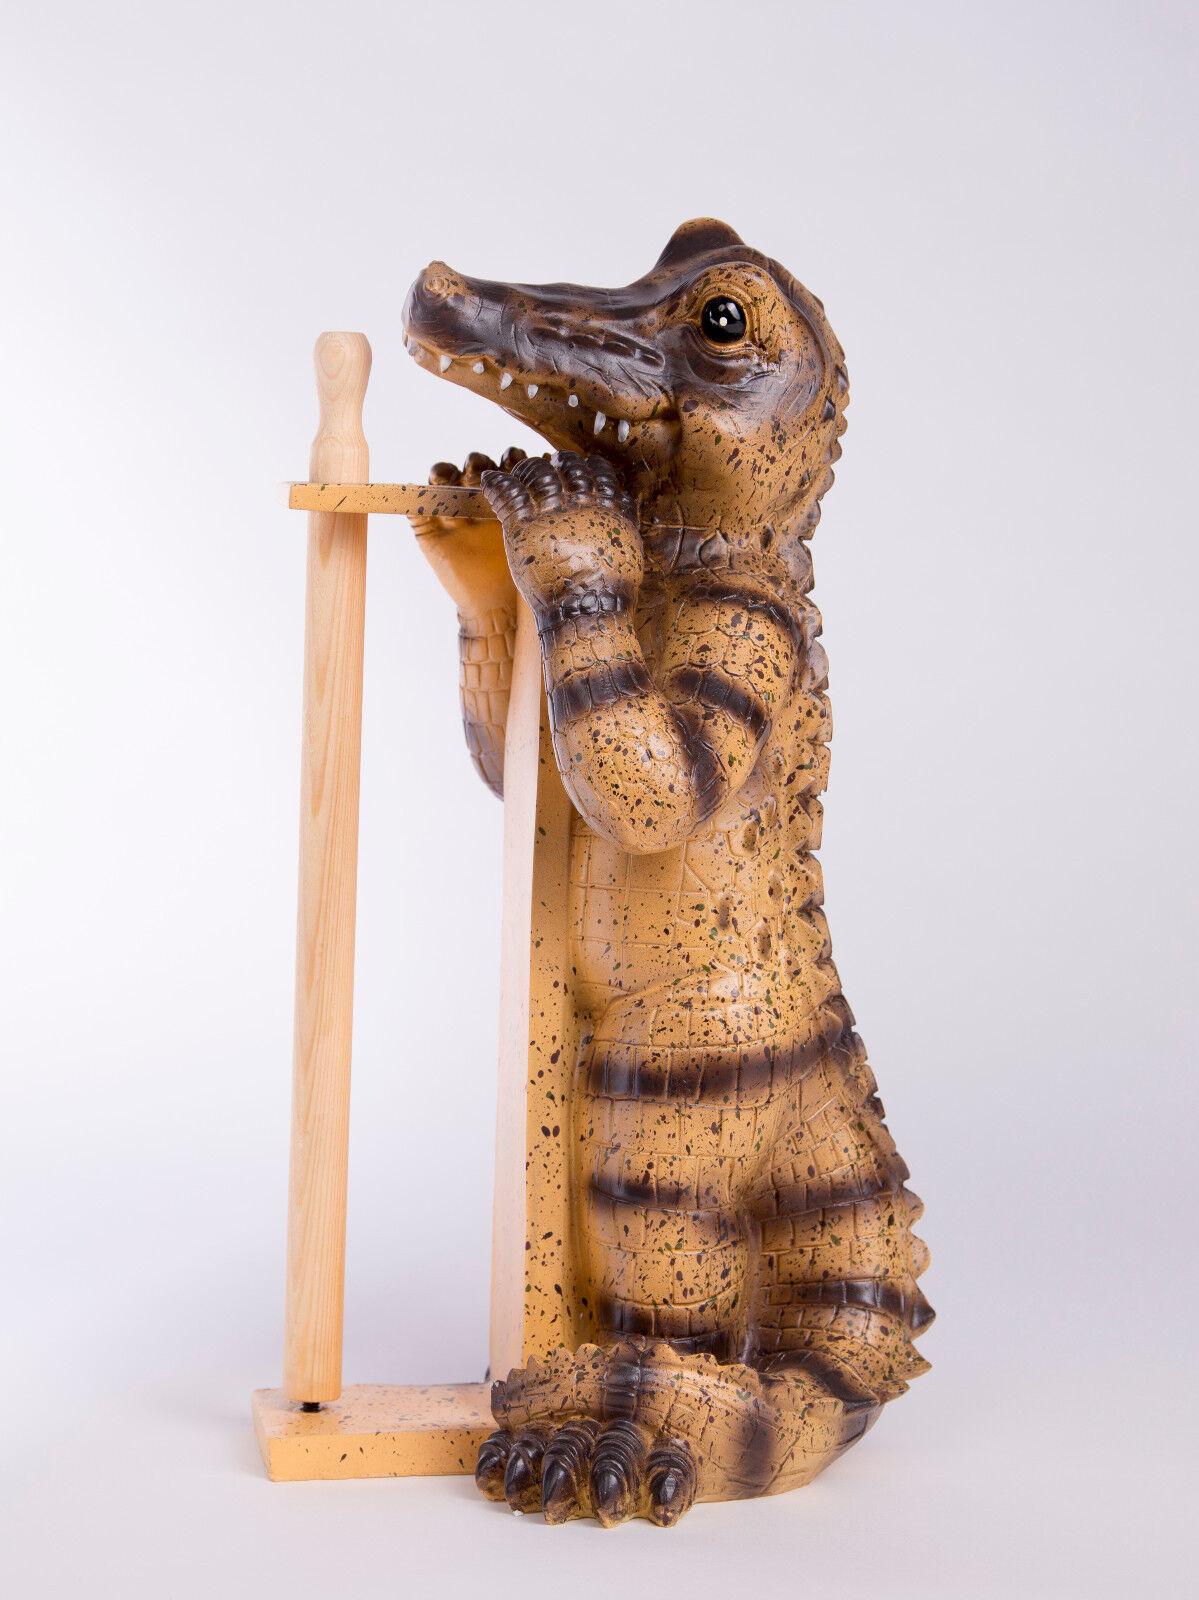 Konvolut 8 Stk Krokodil Alligator Küchenrollenhalter Küchendeko Küche Dekoration Dekoration Dekoration bdb0da